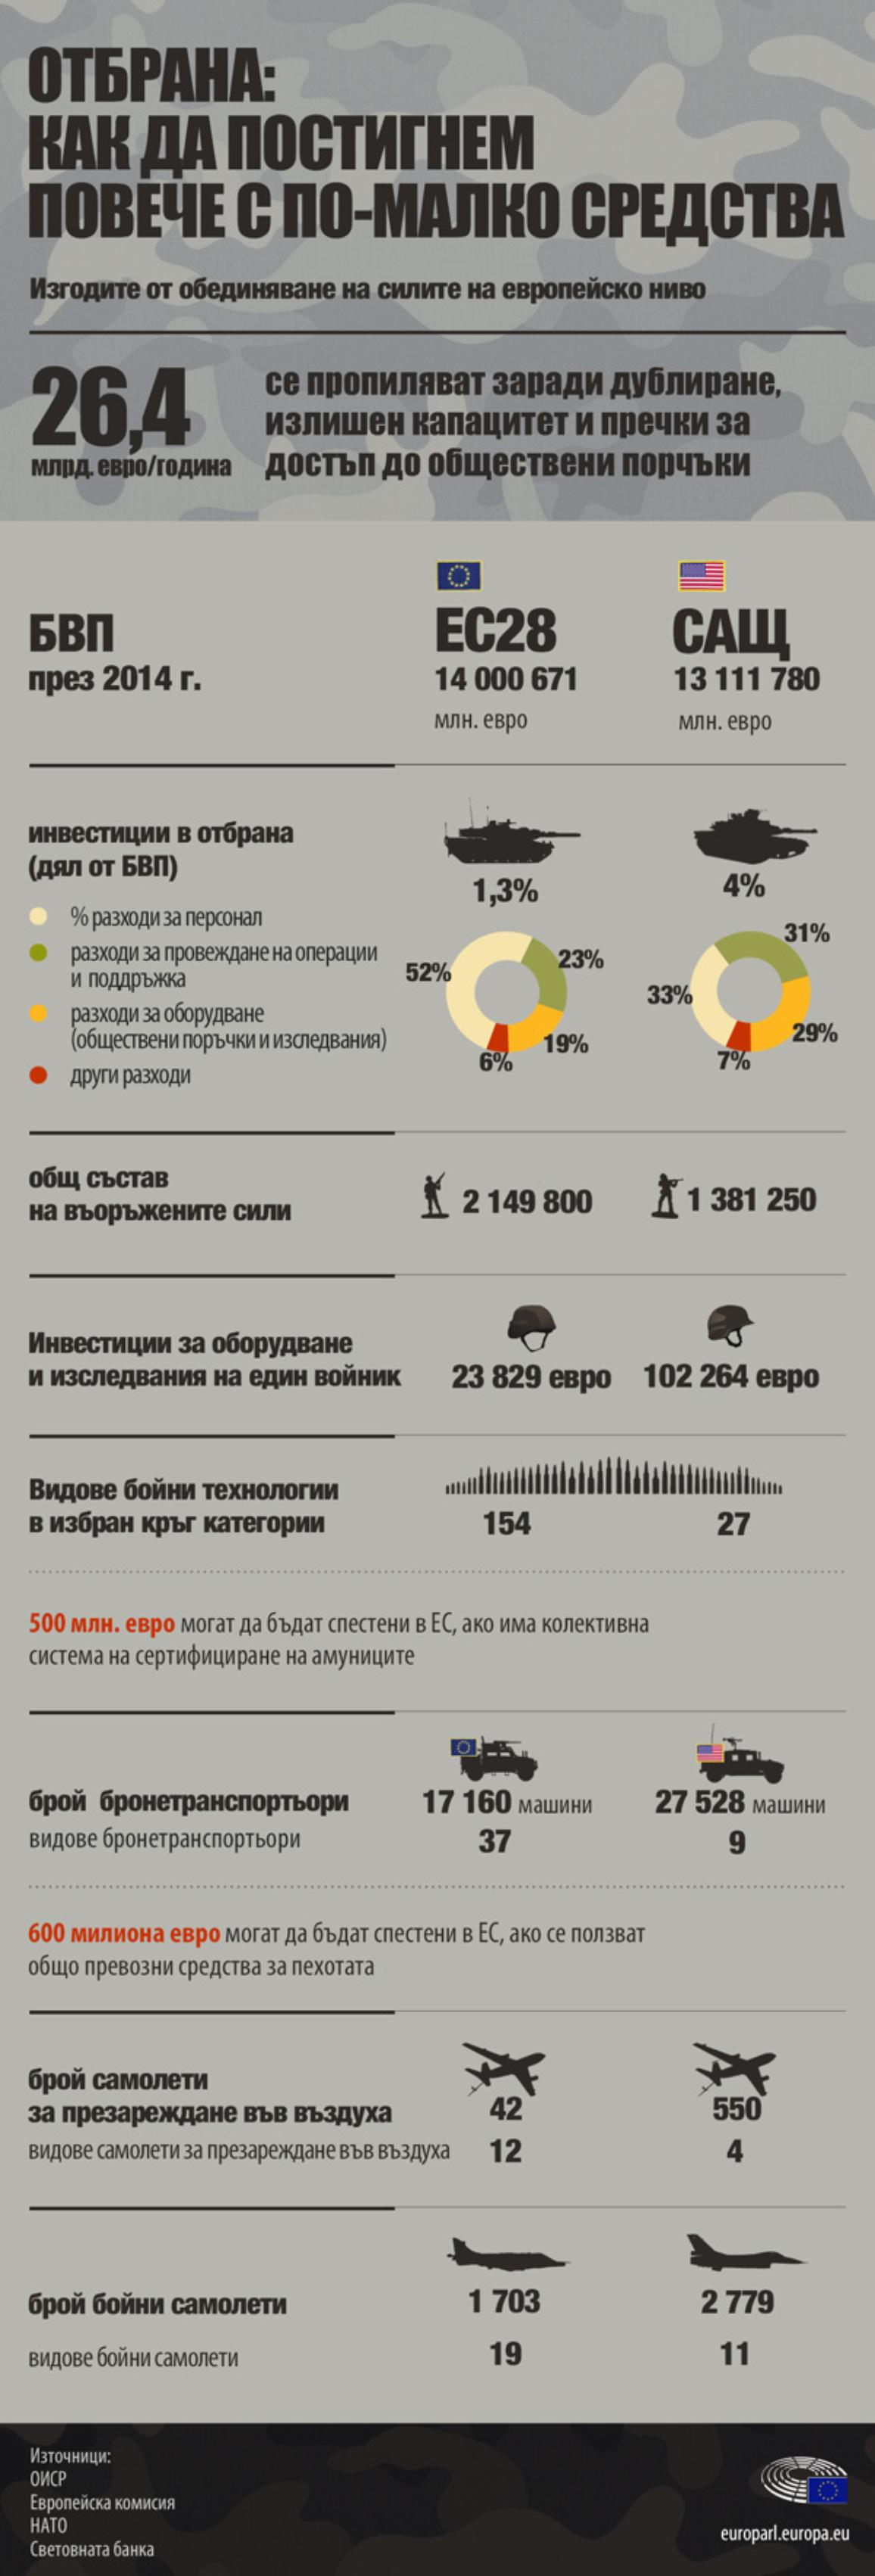 Инфографика отбрана: как да постигнем повече с по-малко средства